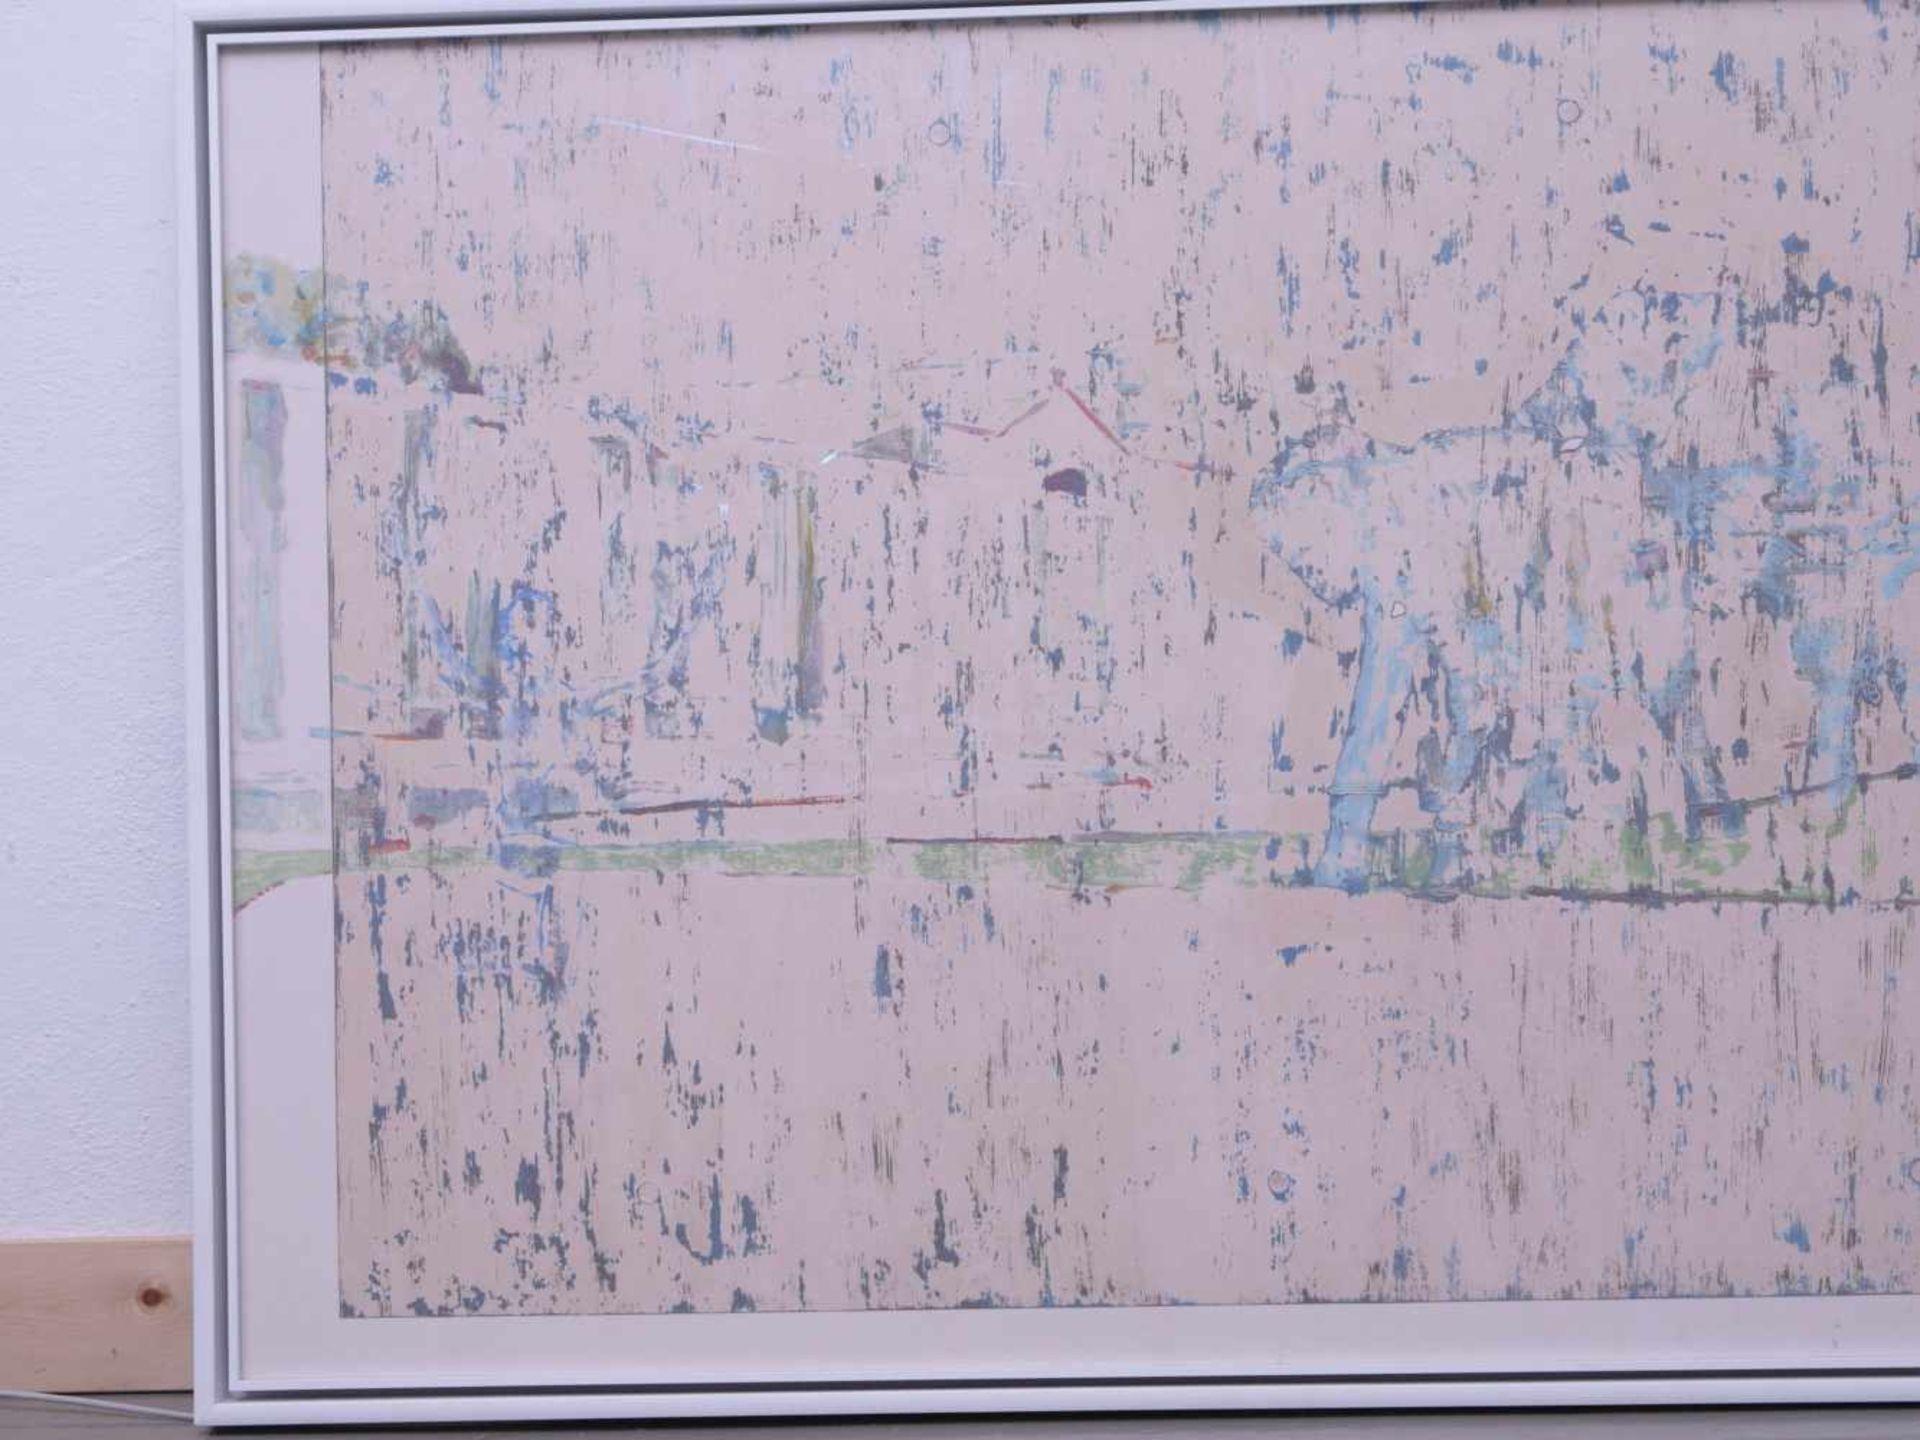 Dauphin, Peter genannt Muth (Nürnberg 1957) - Großformatiges Gemälde SavanneAbstraktes Querformat, - Bild 3 aus 3